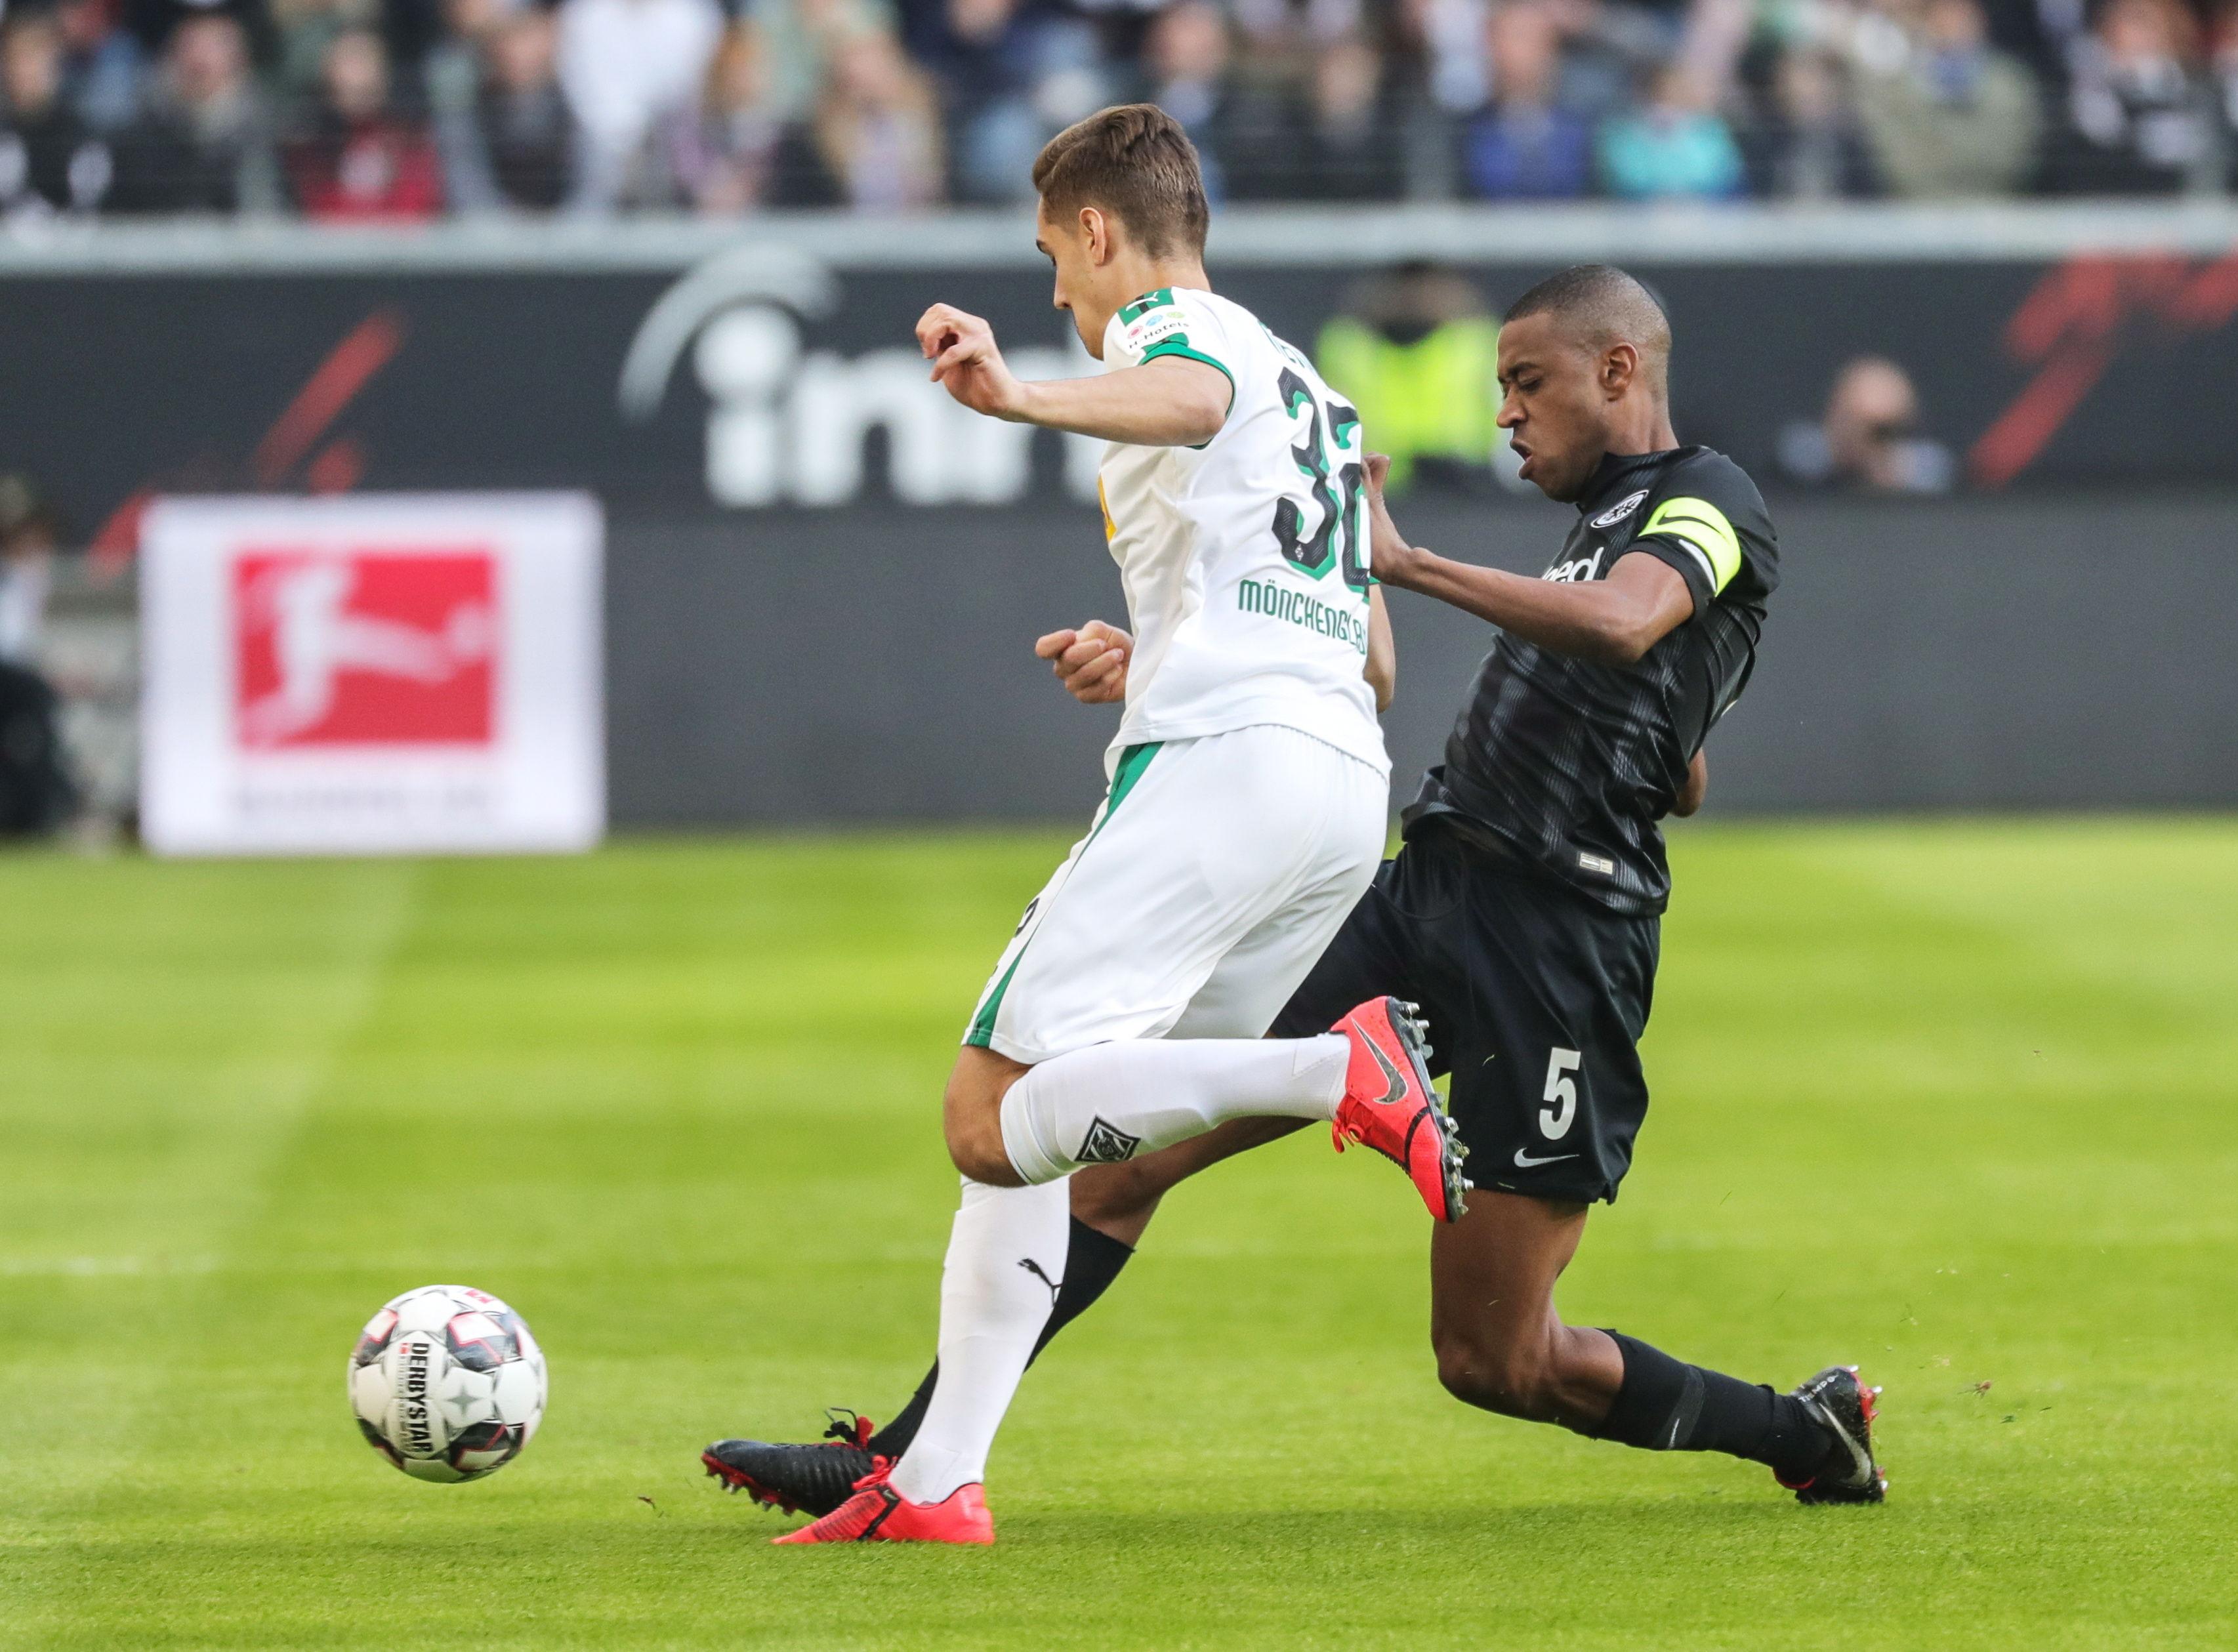 En fotos: Eintracht Borussia igualó 1-1 contra Monchengladbach en la Bundesliga